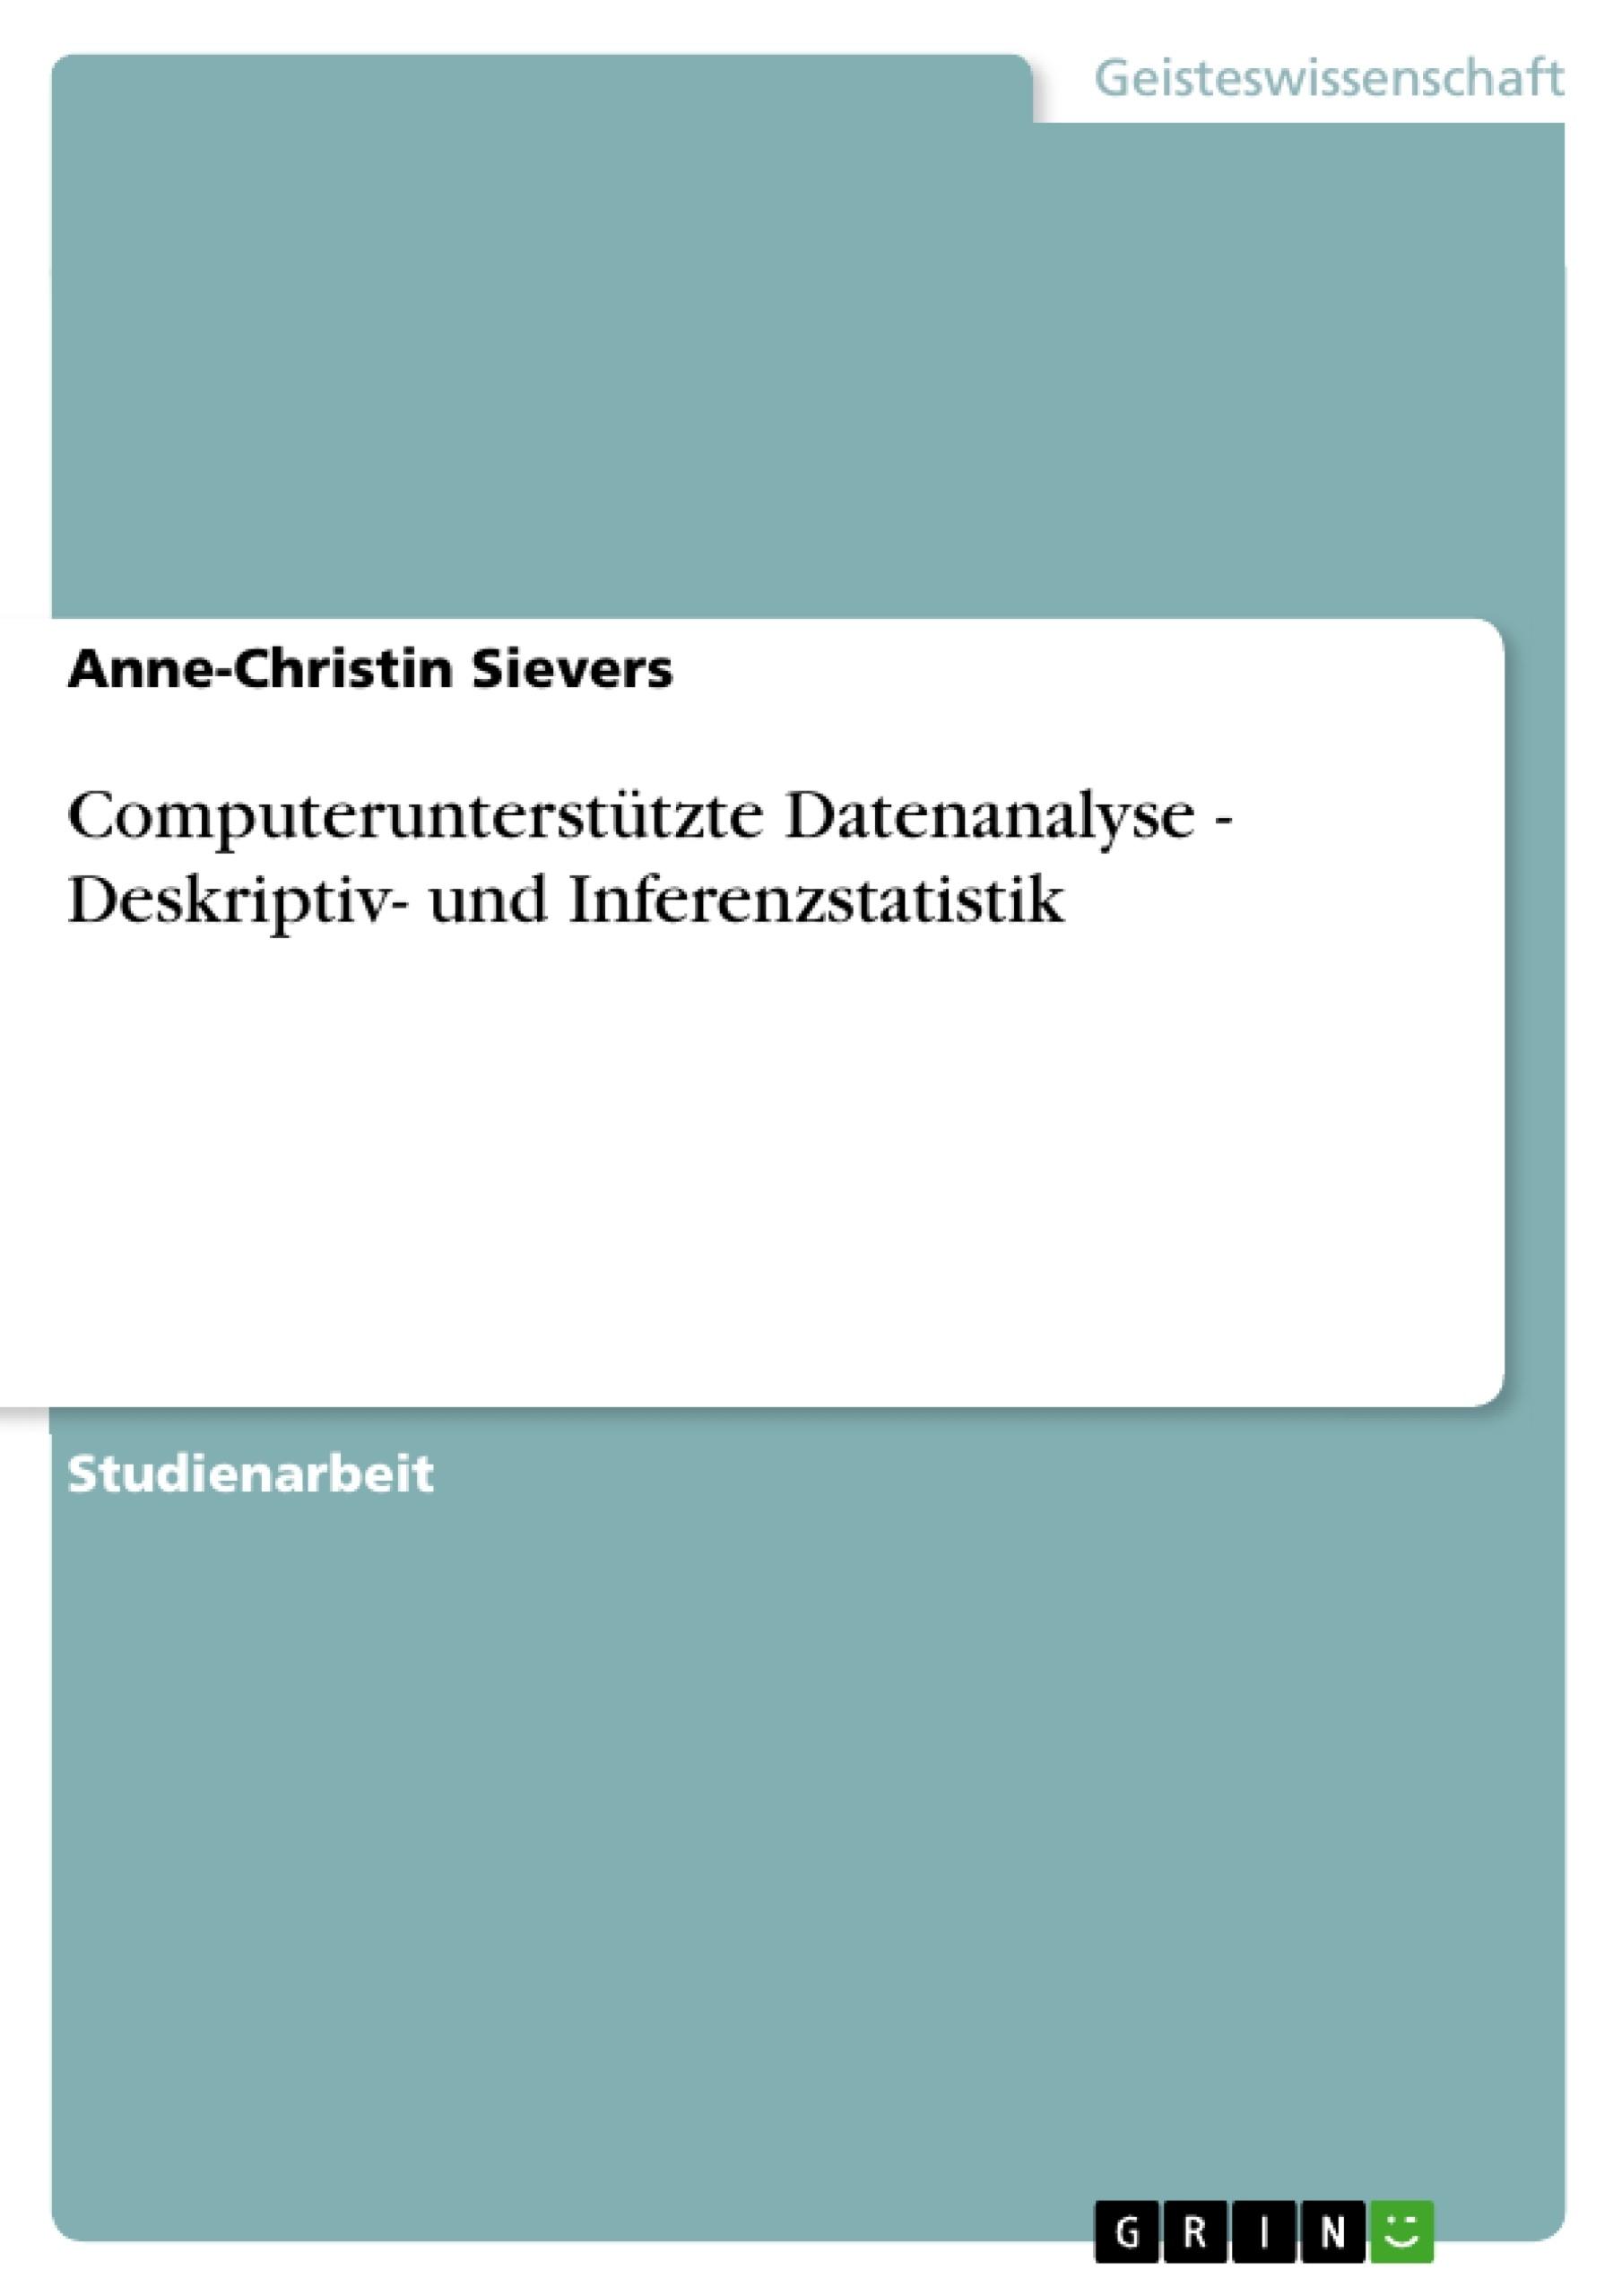 Titel: Computerunterstützte Datenanalyse - Deskriptiv- und Inferenzstatistik